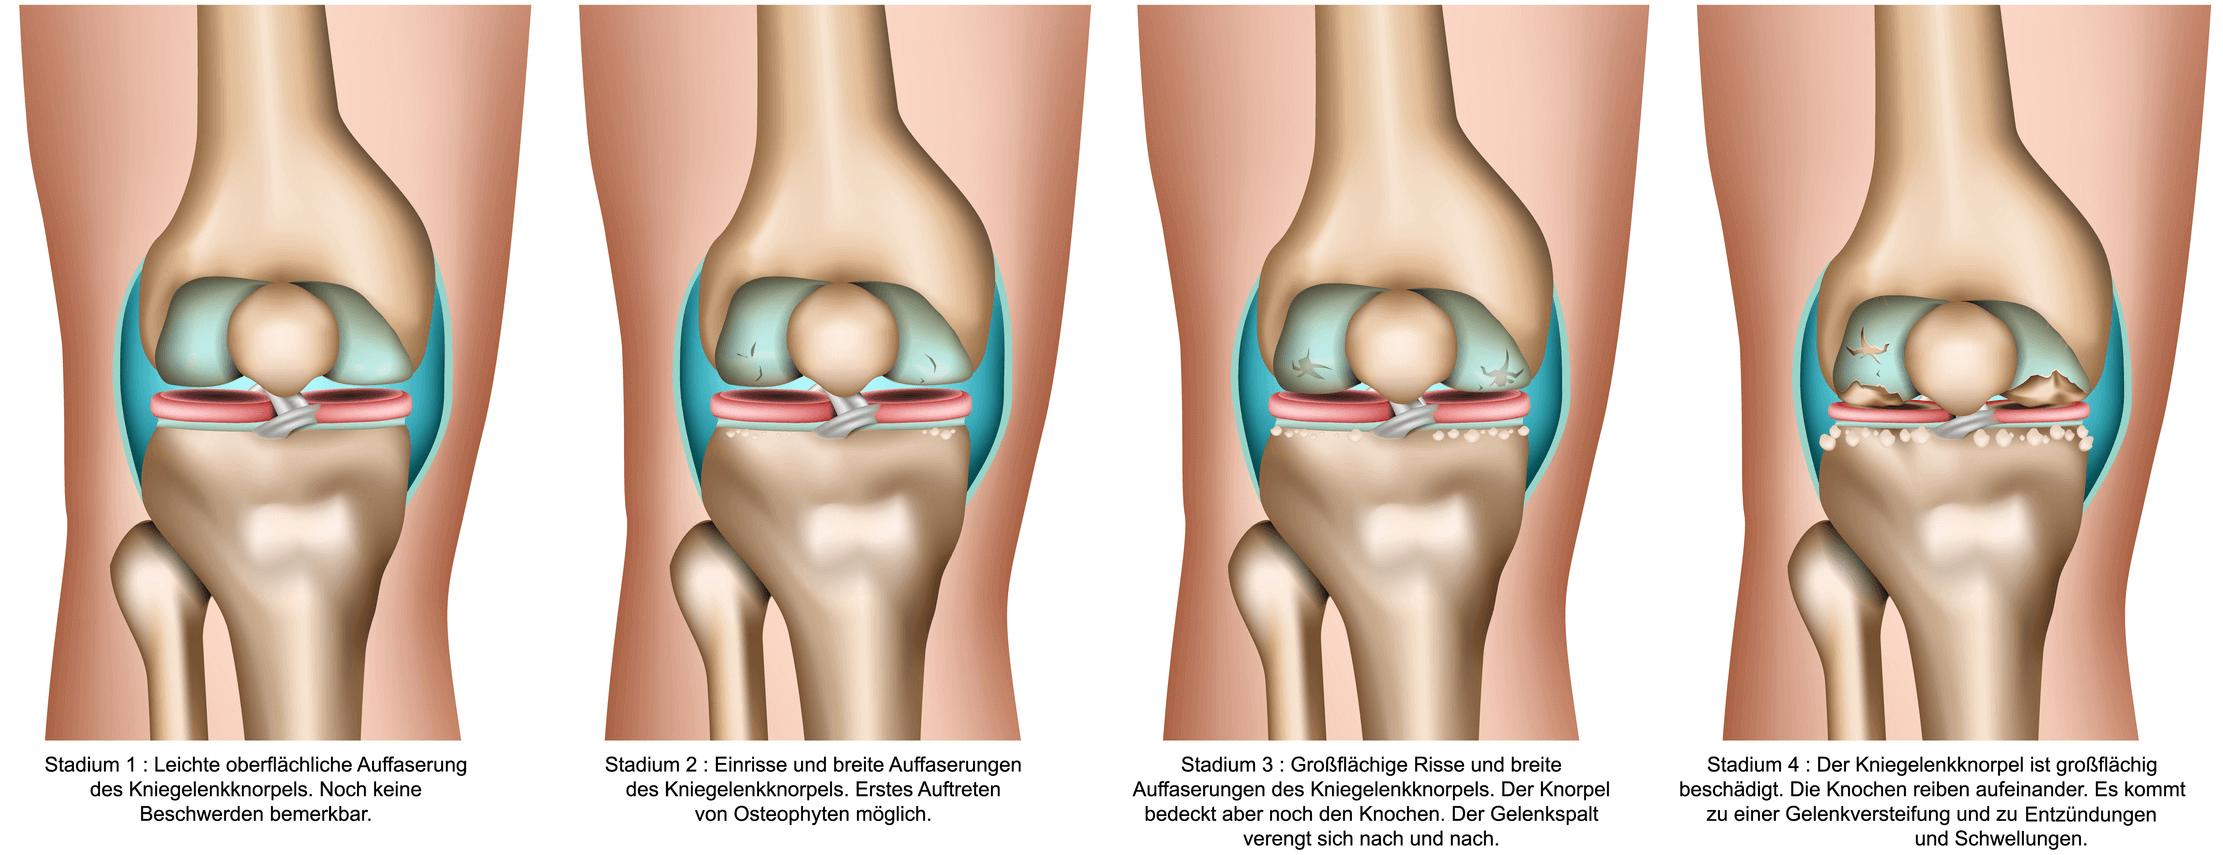 Der Arthrose-Verlauf in vier Stadien wird anhand von vier Modellen dargestellt. Jedes Stadium wird beschrieben.